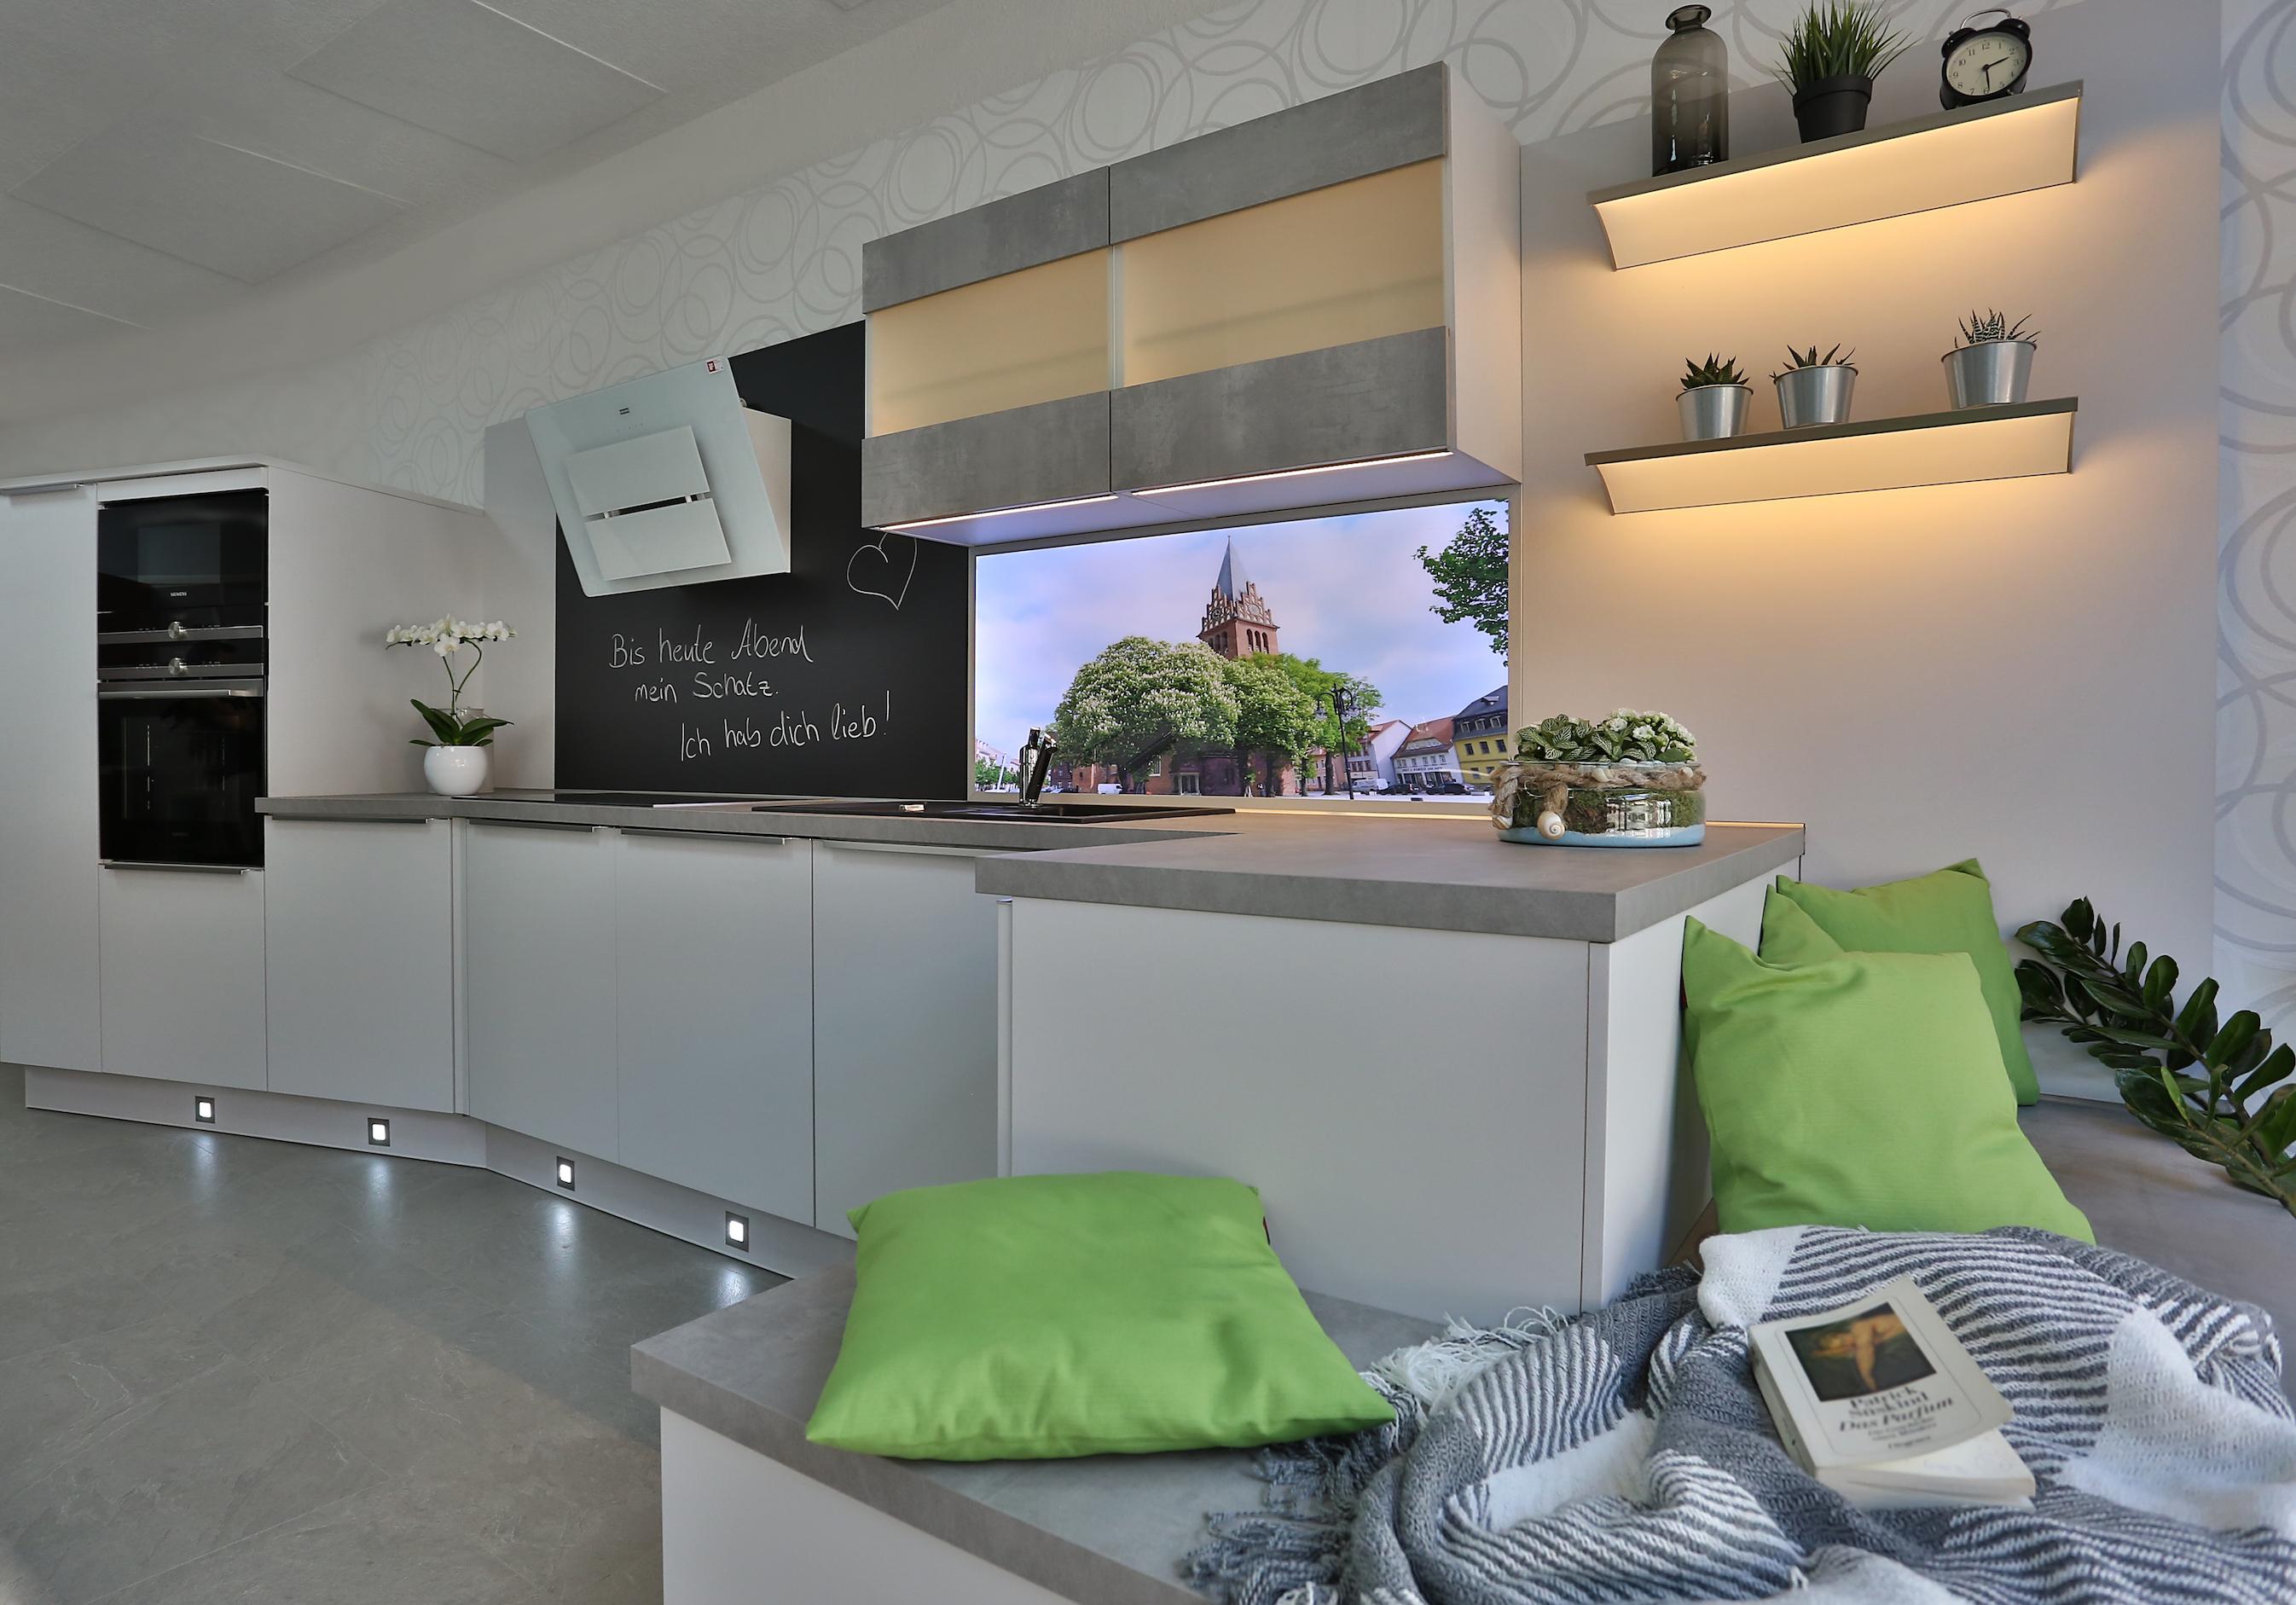 k che co bad liebenwerda m bel bad liebenwerda deutschland tel 035341237. Black Bedroom Furniture Sets. Home Design Ideas